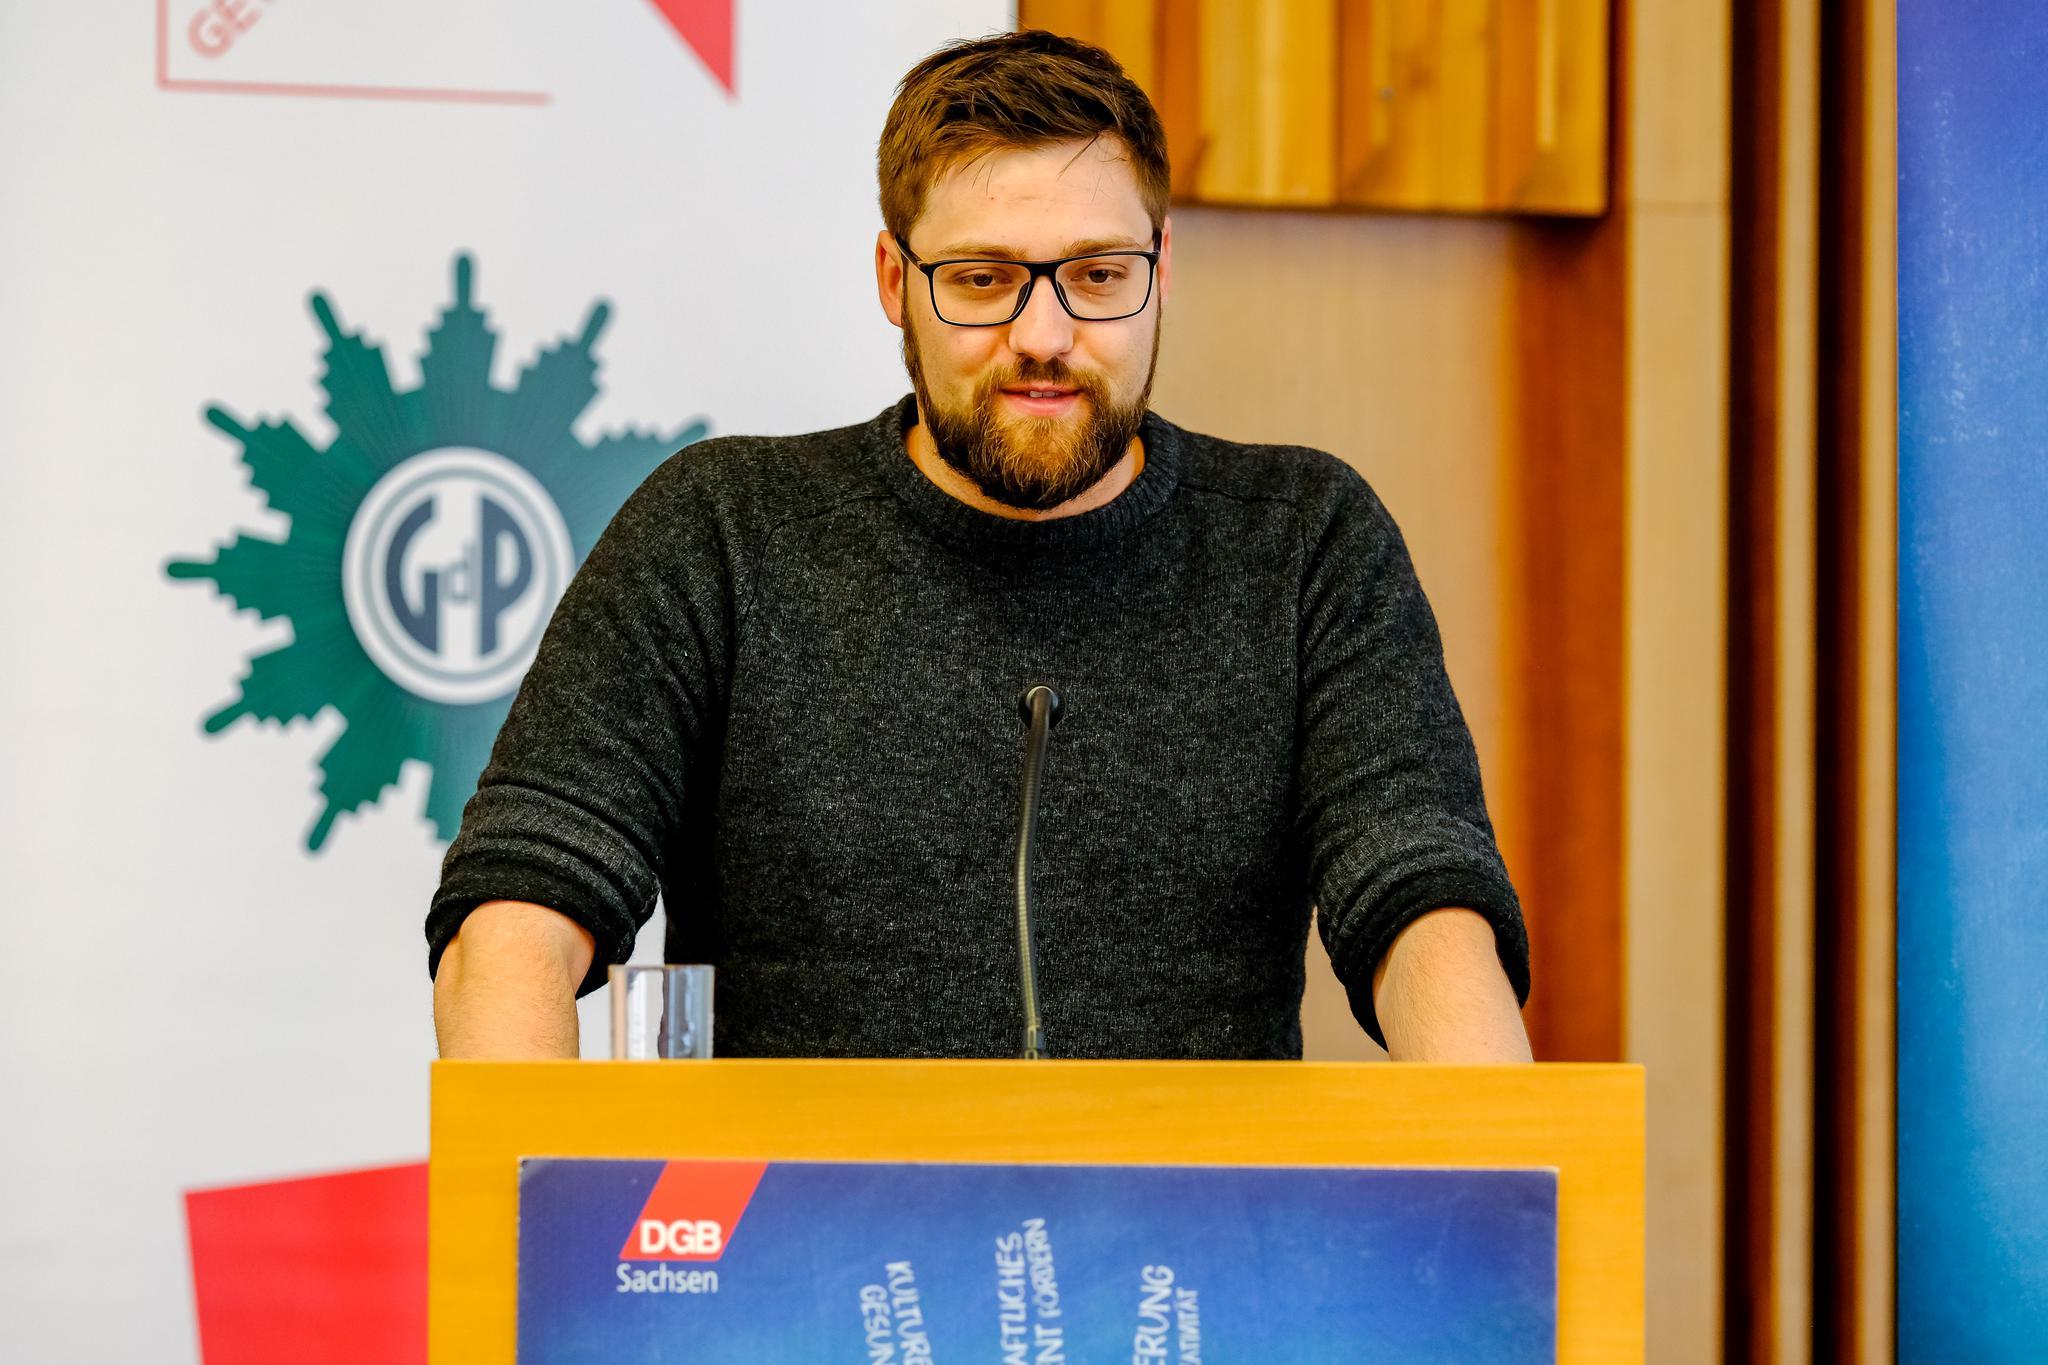 Lasse Emcke